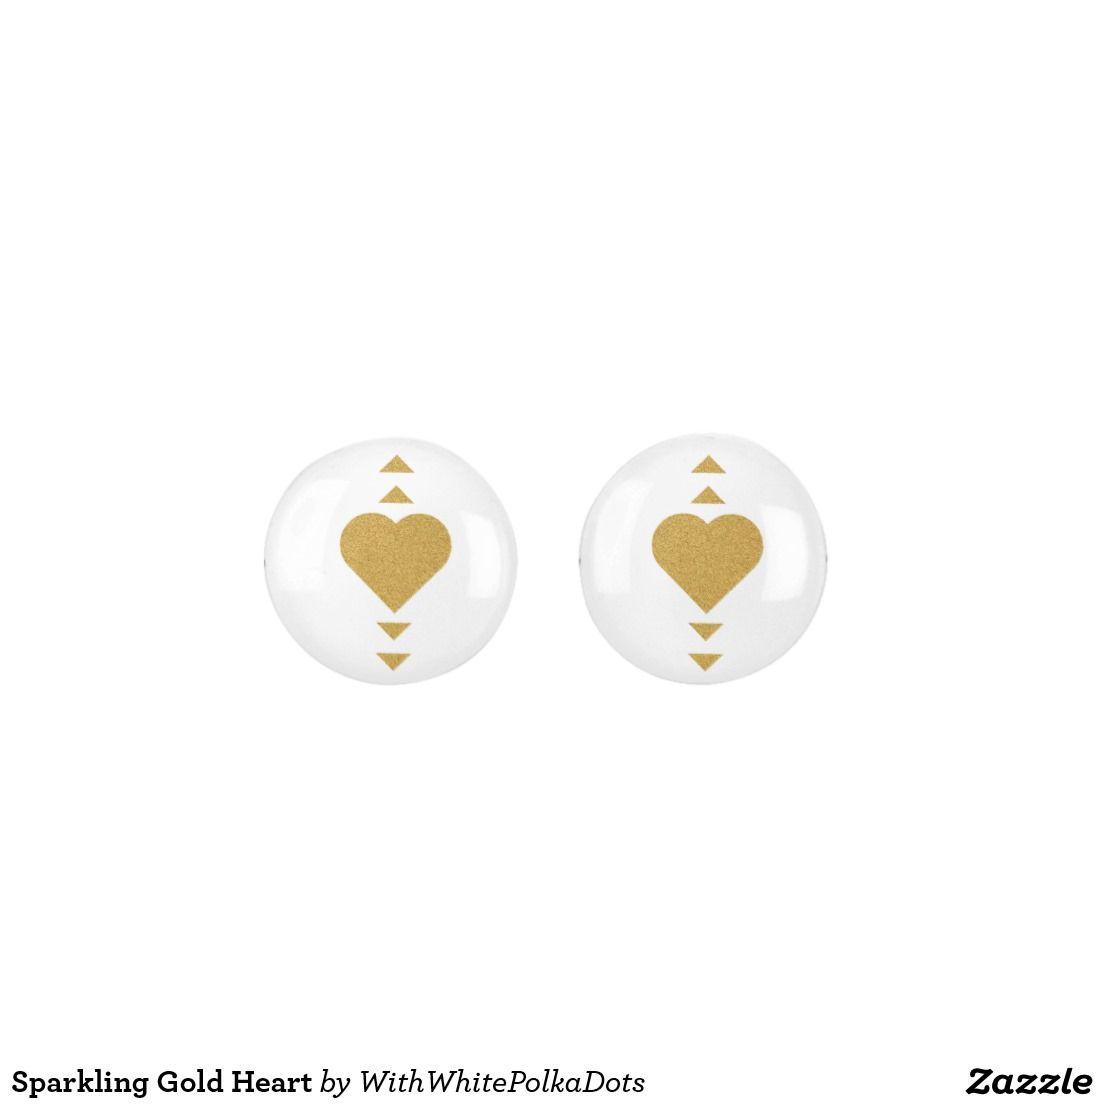 Sparkling Gold Heart Earrings